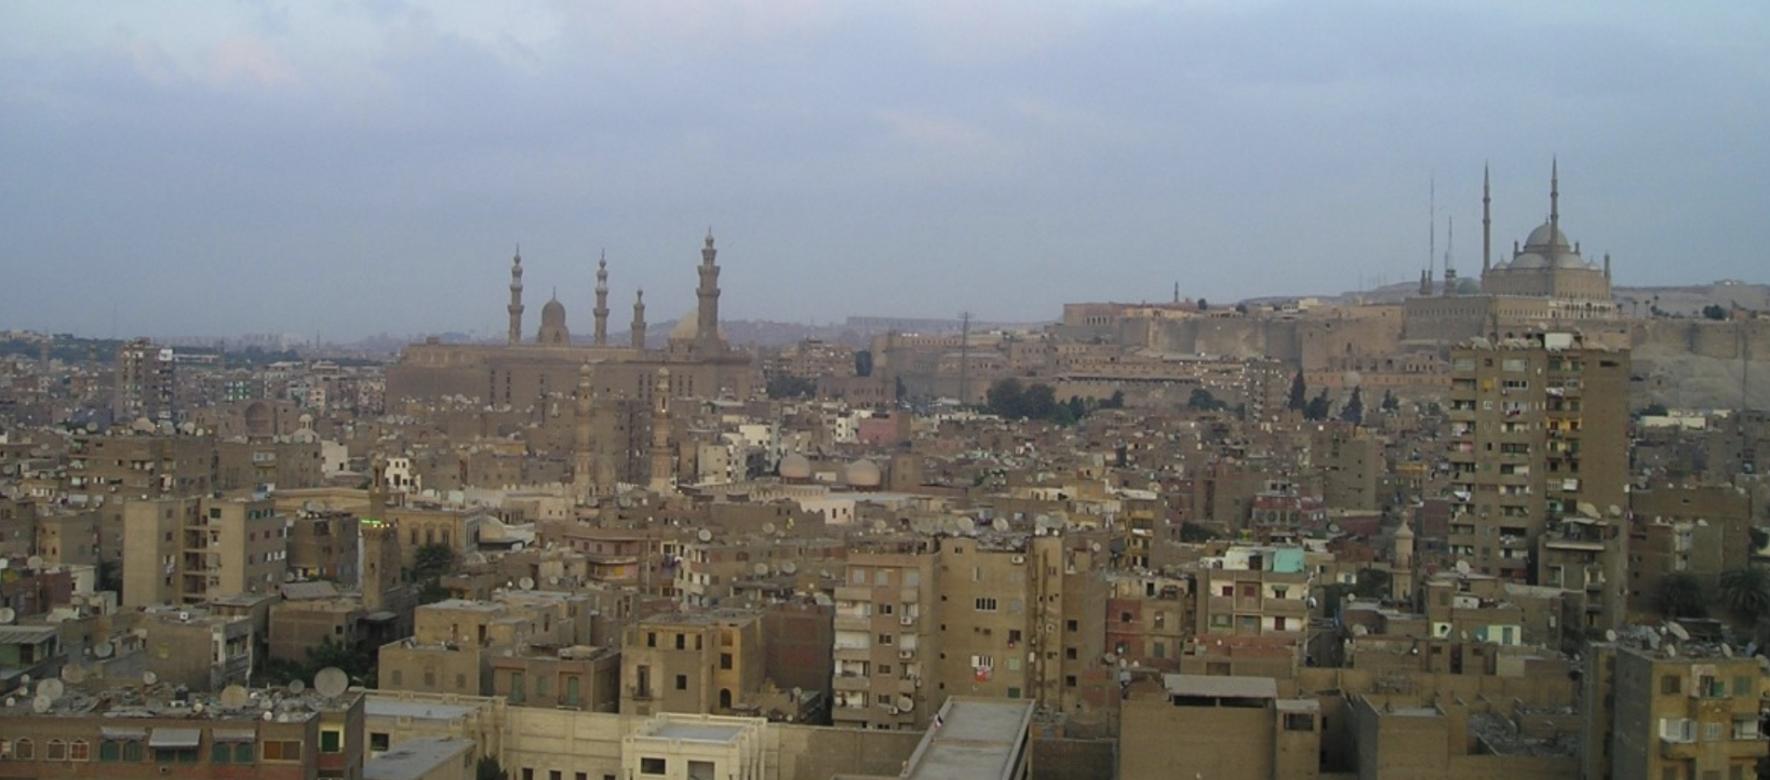 Egypte : Les autorités ont annoncé que le pays accueillera son premier festival du film francophone au Caire du 10 au 14 décembre 2020